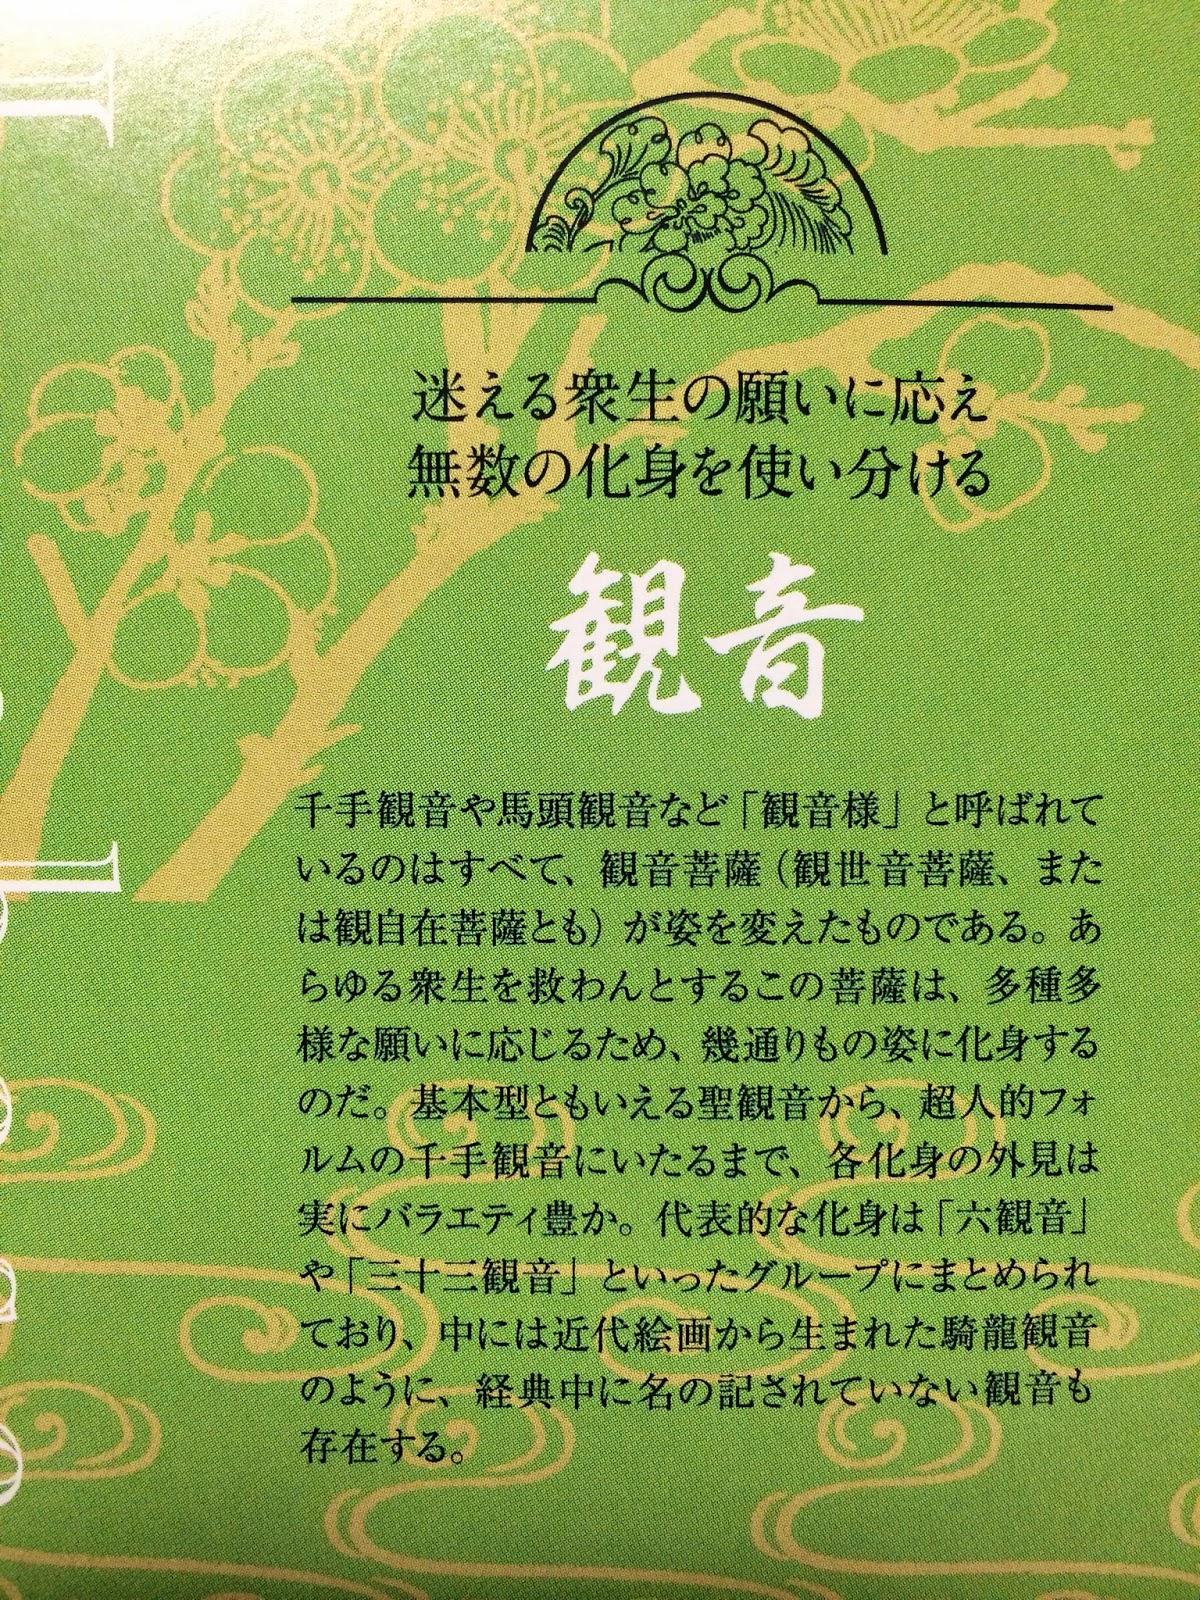 初代彫迫日記・ほりはく日記・http://horihaku.blogspot.com/